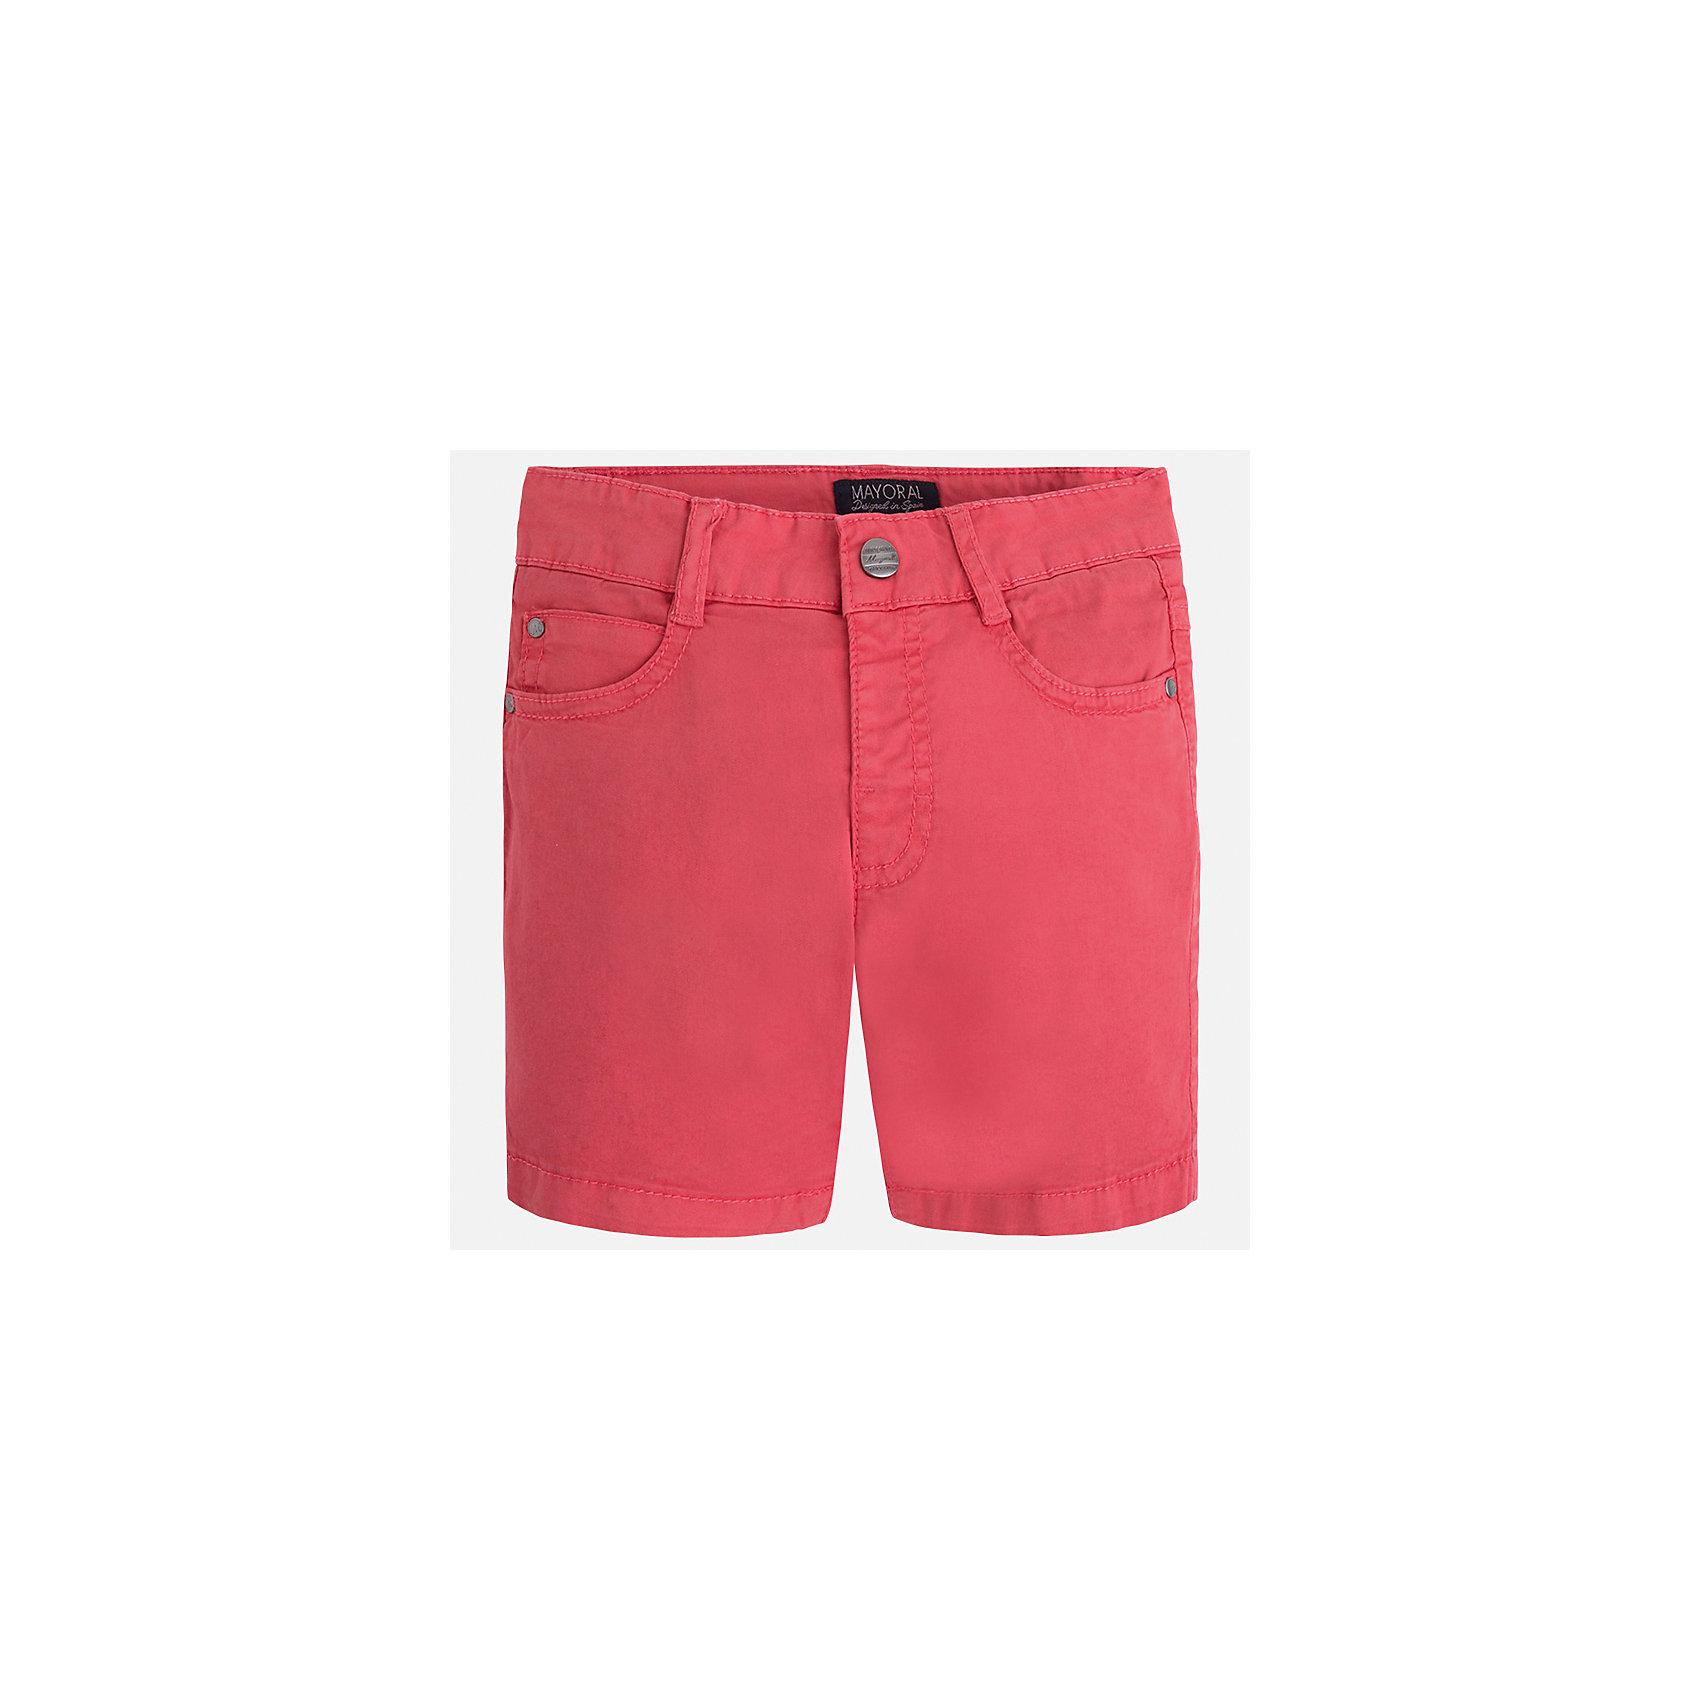 Бриджи для мальчика MayoralШорты, бриджи, капри<br>Характеристики товара:<br><br>• цвет: красный<br>• состав: 98% хлопок, 2% эластан<br>• шлевки<br>• карманы<br>• пояс с регулировкой объема<br>• яркий цвет<br>• страна бренда: Испания<br><br>Модные бриджи для мальчика смогут стать базовой вещью в гардеробе ребенка. Они отлично сочетаются с майками, футболками, рубашками и т.д. Универсальный крой и цвет позволяет подобрать к вещи верх разных расцветок. Практичное и стильное изделие! В составе материала - натуральный хлопок, гипоаллергенный, приятный на ощупь, дышащий.<br><br>Бриджи для мальчика от испанского бренда Mayoral (Майорал) можно купить в нашем интернет-магазине.<br><br>Ширина мм: 191<br>Глубина мм: 10<br>Высота мм: 175<br>Вес г: 273<br>Цвет: синий<br>Возраст от месяцев: 96<br>Возраст до месяцев: 108<br>Пол: Мужской<br>Возраст: Детский<br>Размер: 134,110,128,92,98,104,122,116<br>SKU: 3143054